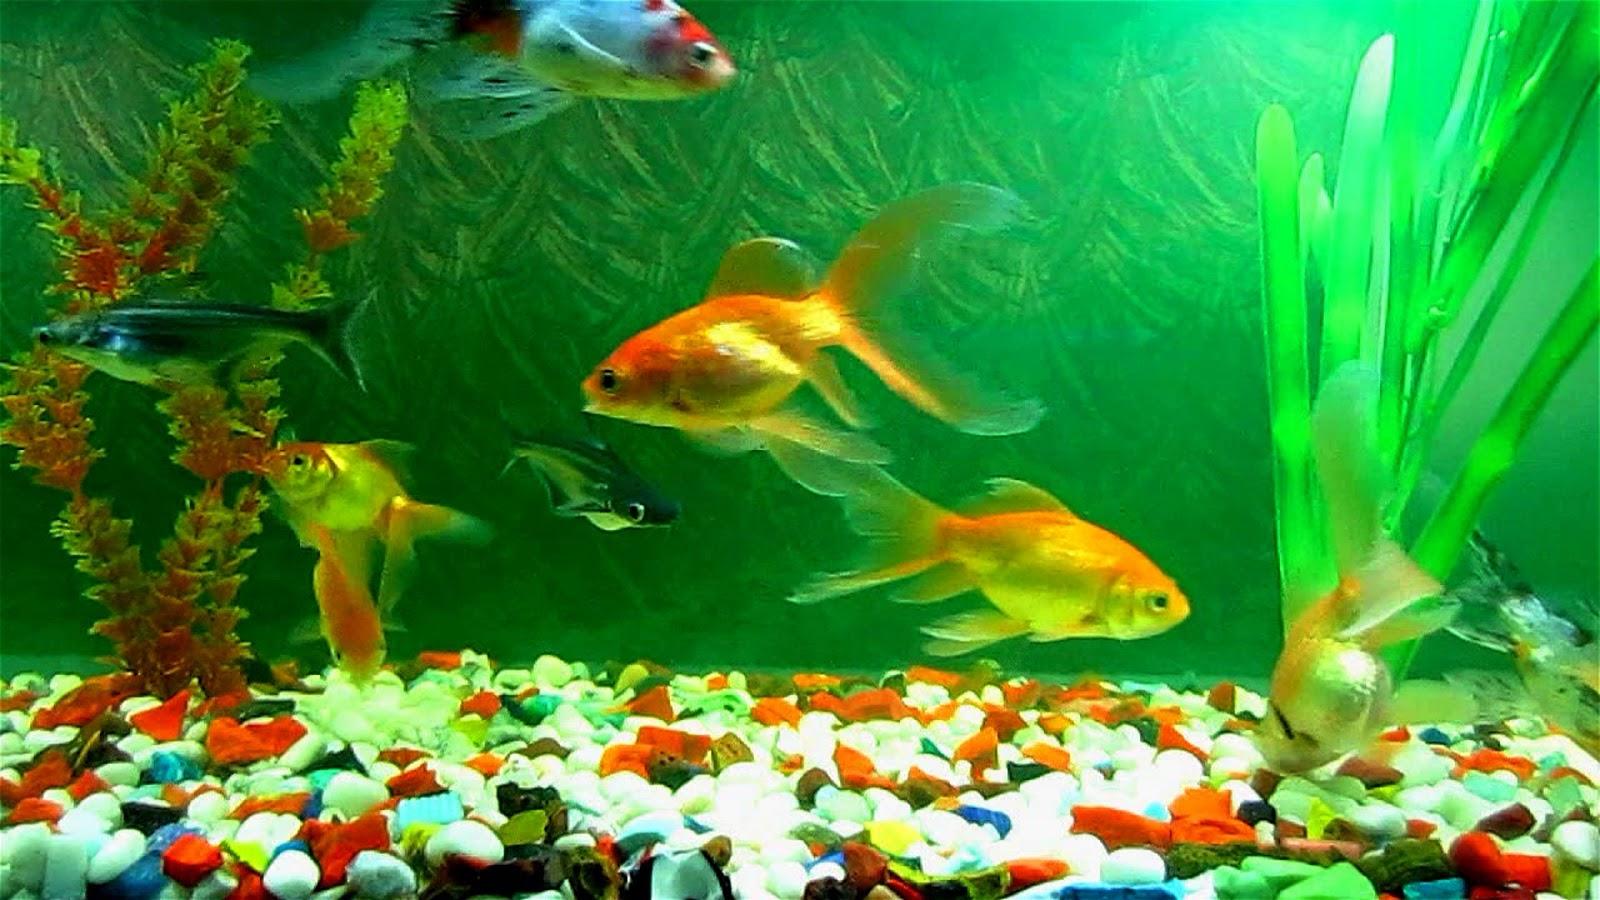 Fish aquarium screensaver - Fish Aquarium A Good Remedial Measure For Vastu Defect